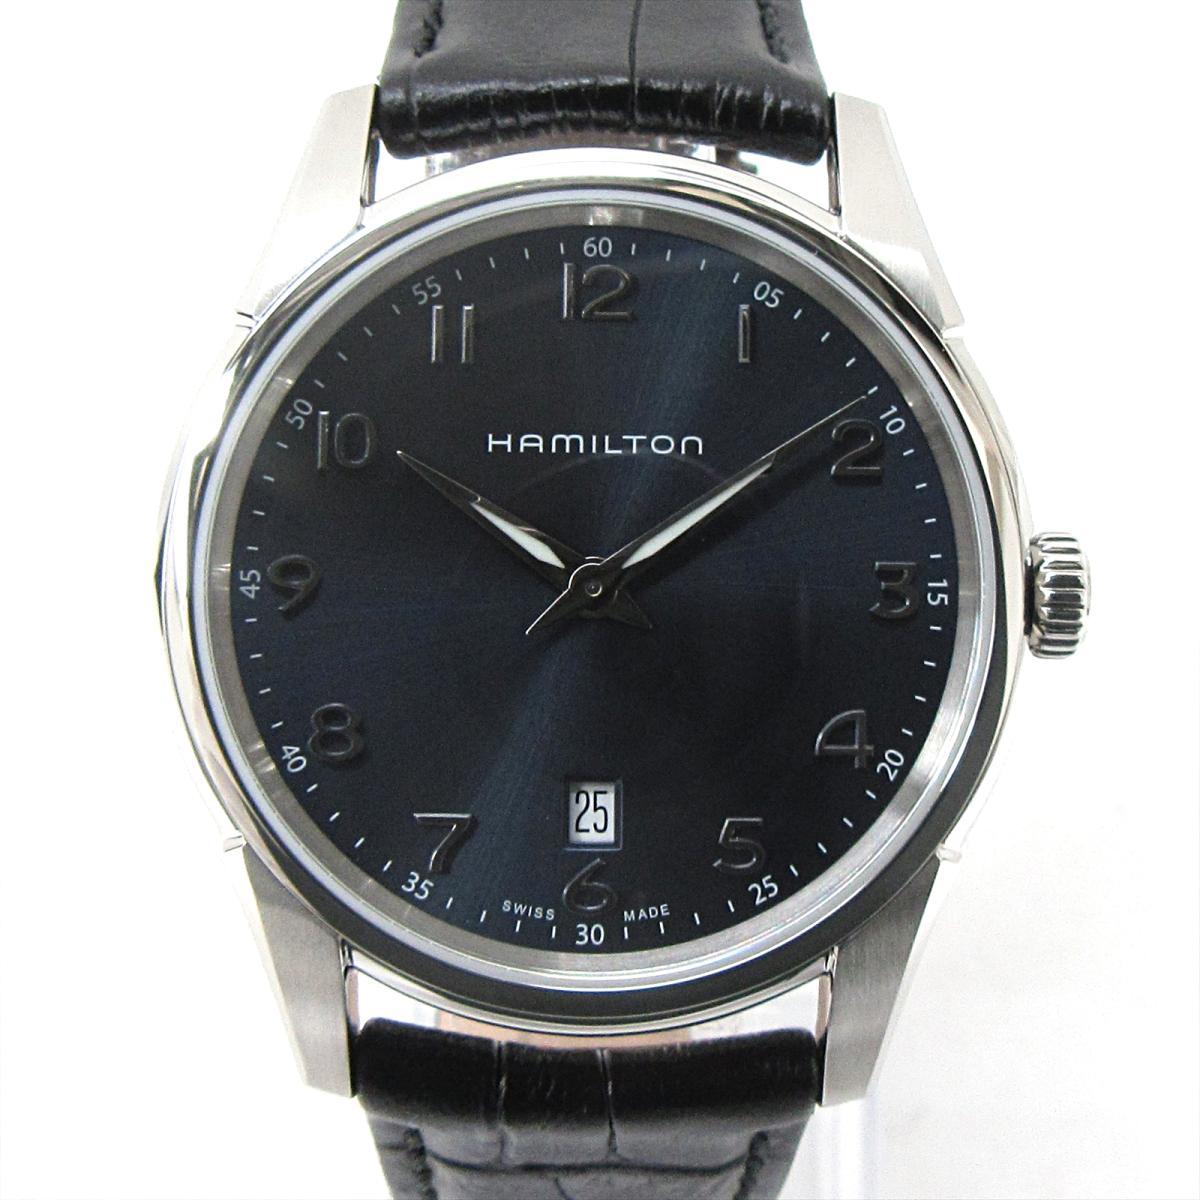 【中古】 ハミルトン ジャズマスター シンライン 腕時計 ウォッチ メンズ ステンレススチール (SS) x レザーベルト (H38511) | HAMILTON BRANDOFF ブランドオフ ブランド ブランド時計 ブランド腕時計 時計